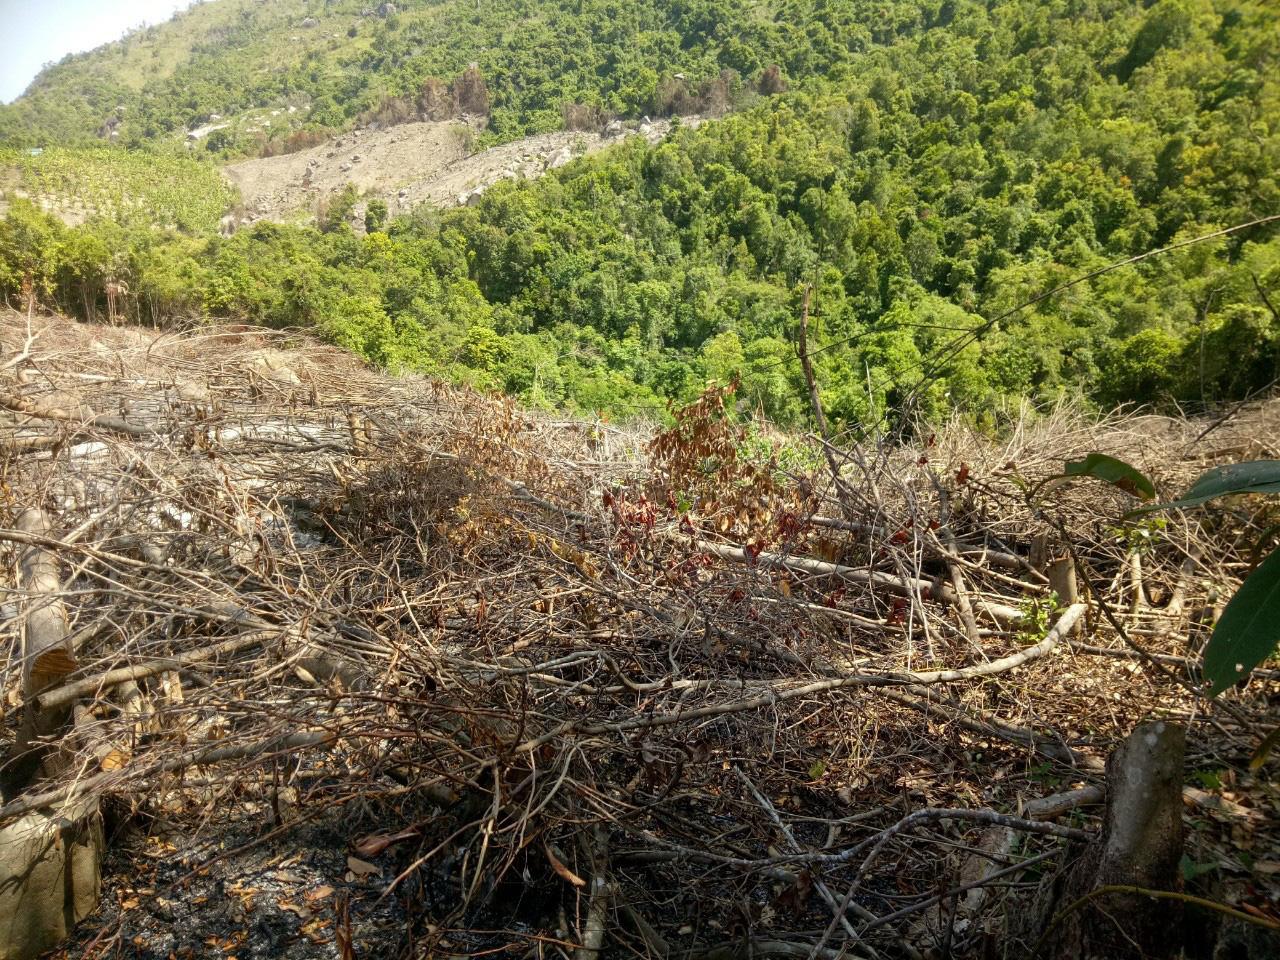 Khánh Hòa: Hơn 7.000m2 rừng bị chặt phá trái phép, ai là thủ phạm? - Ảnh 2.